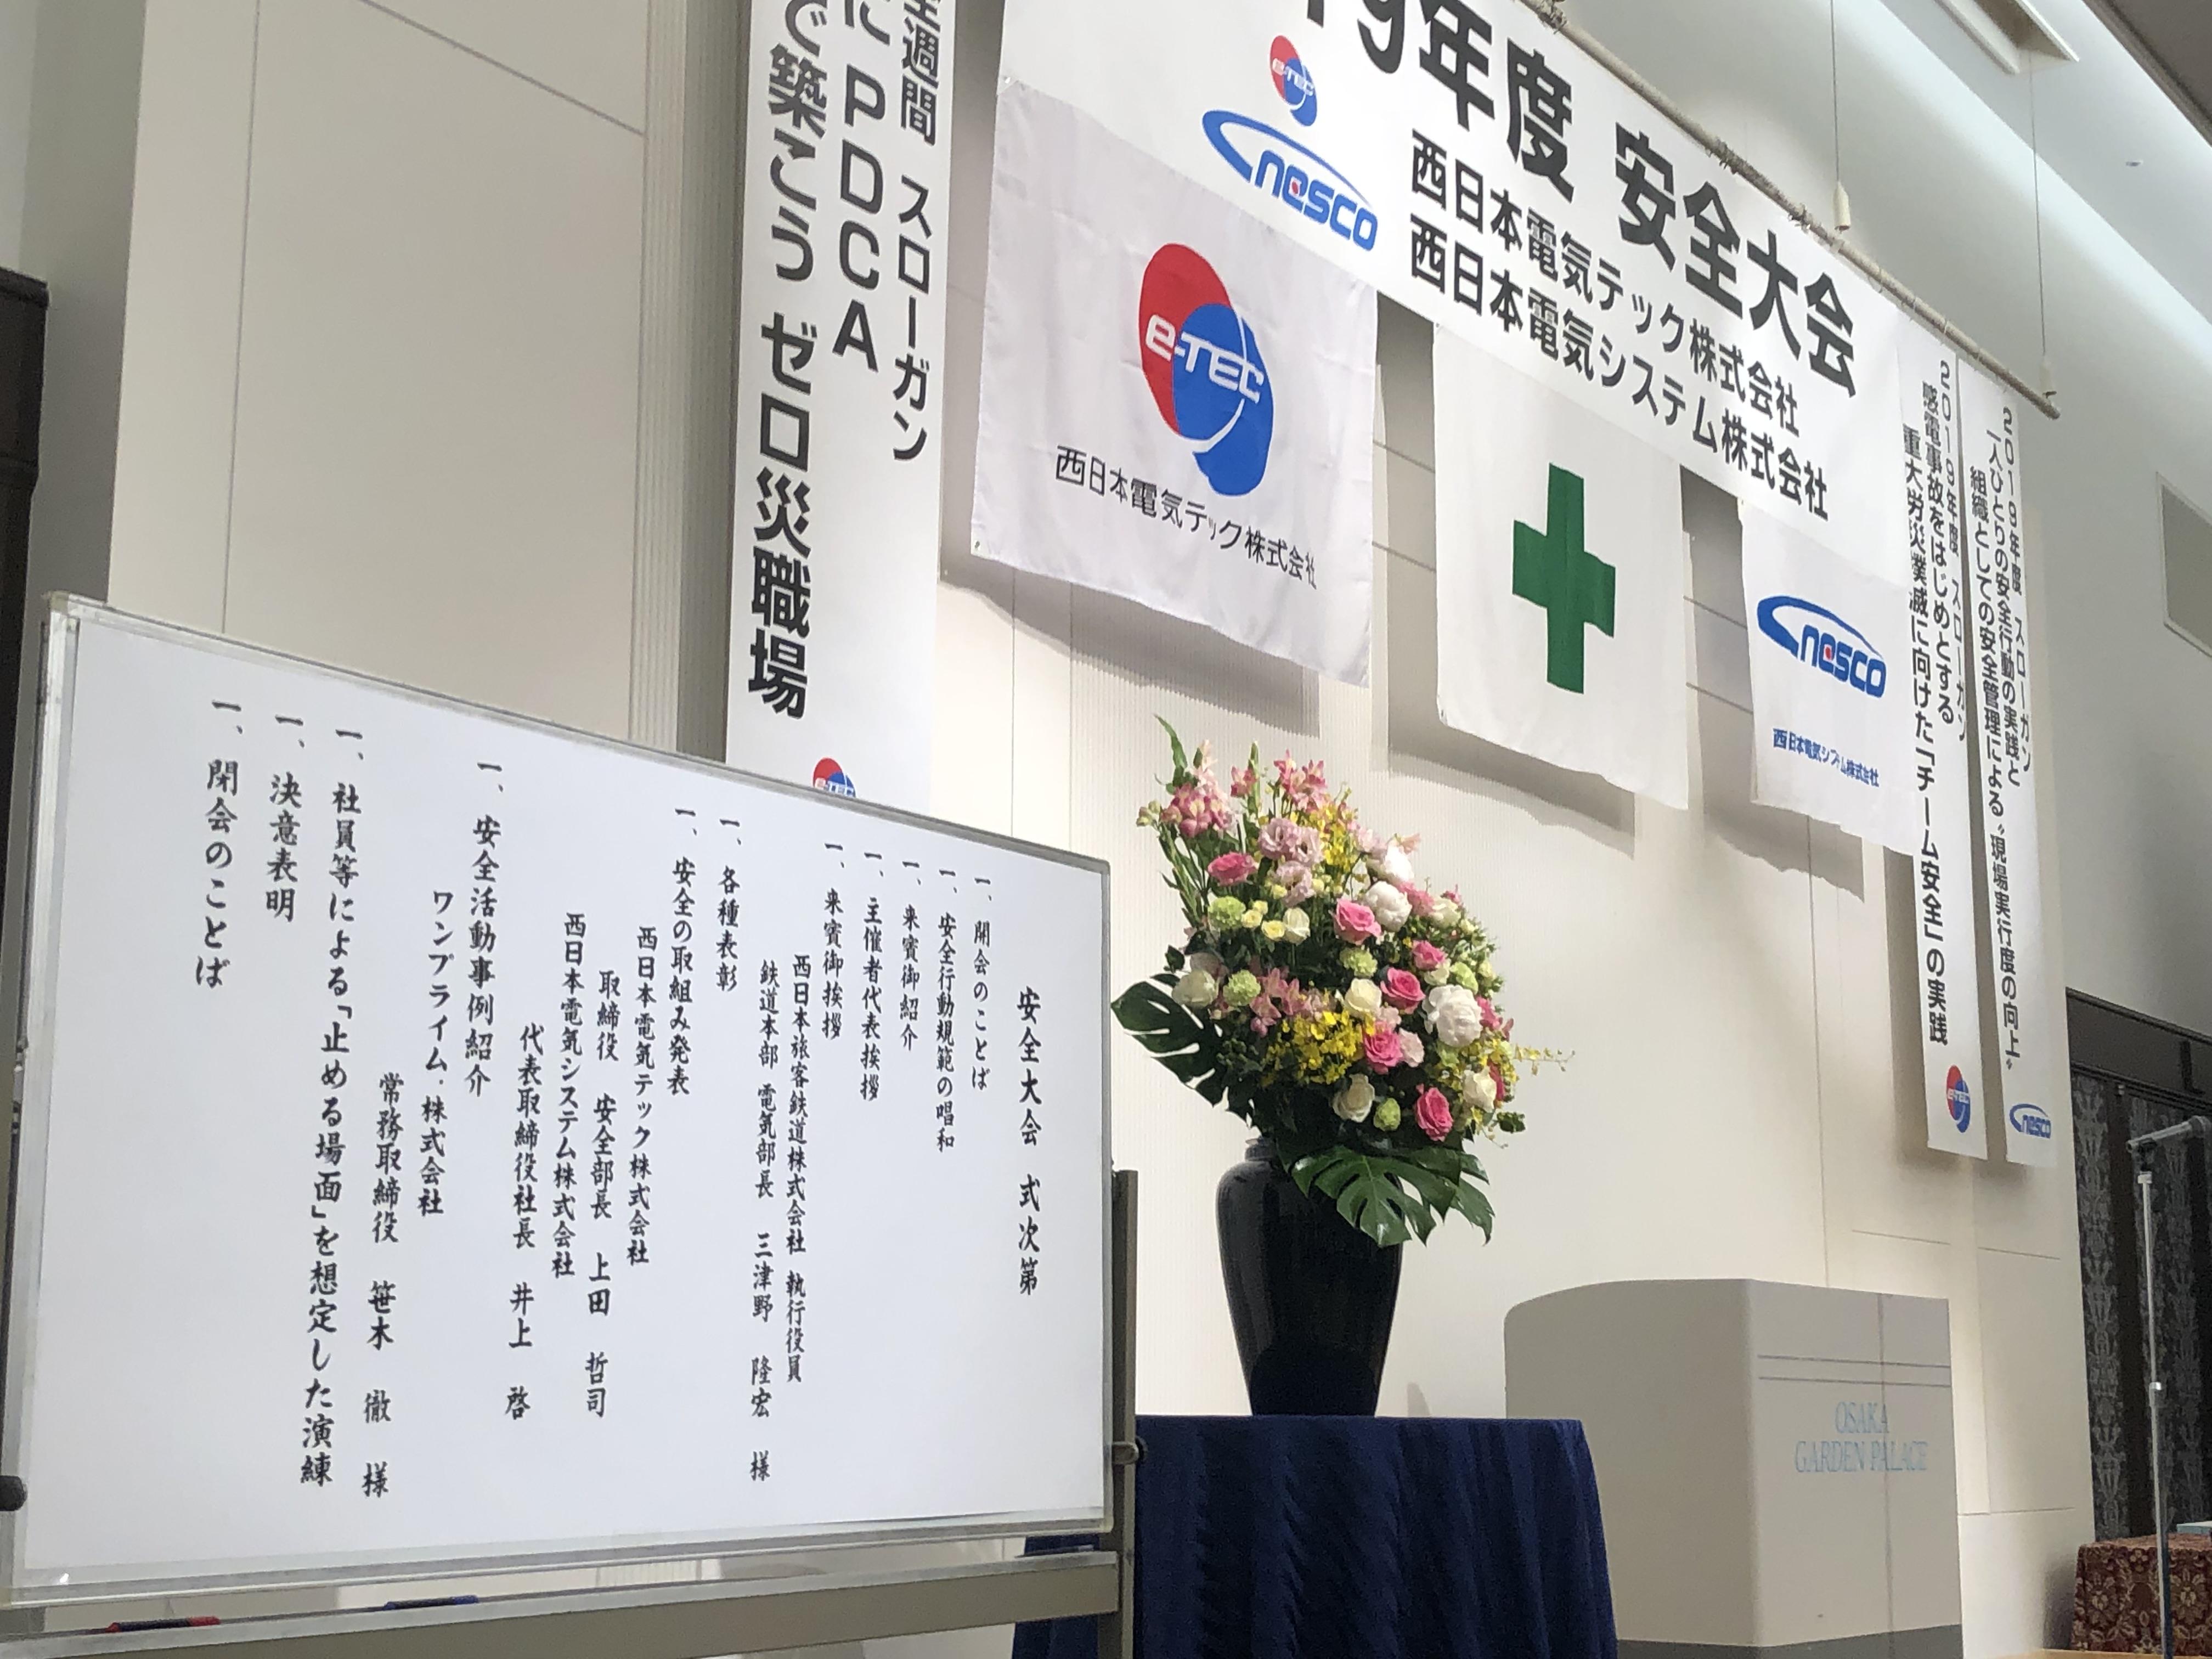 西日本電気テック株式会社 西日本電気システム株式会社 合同安全大会 大阪ガーデンパレス